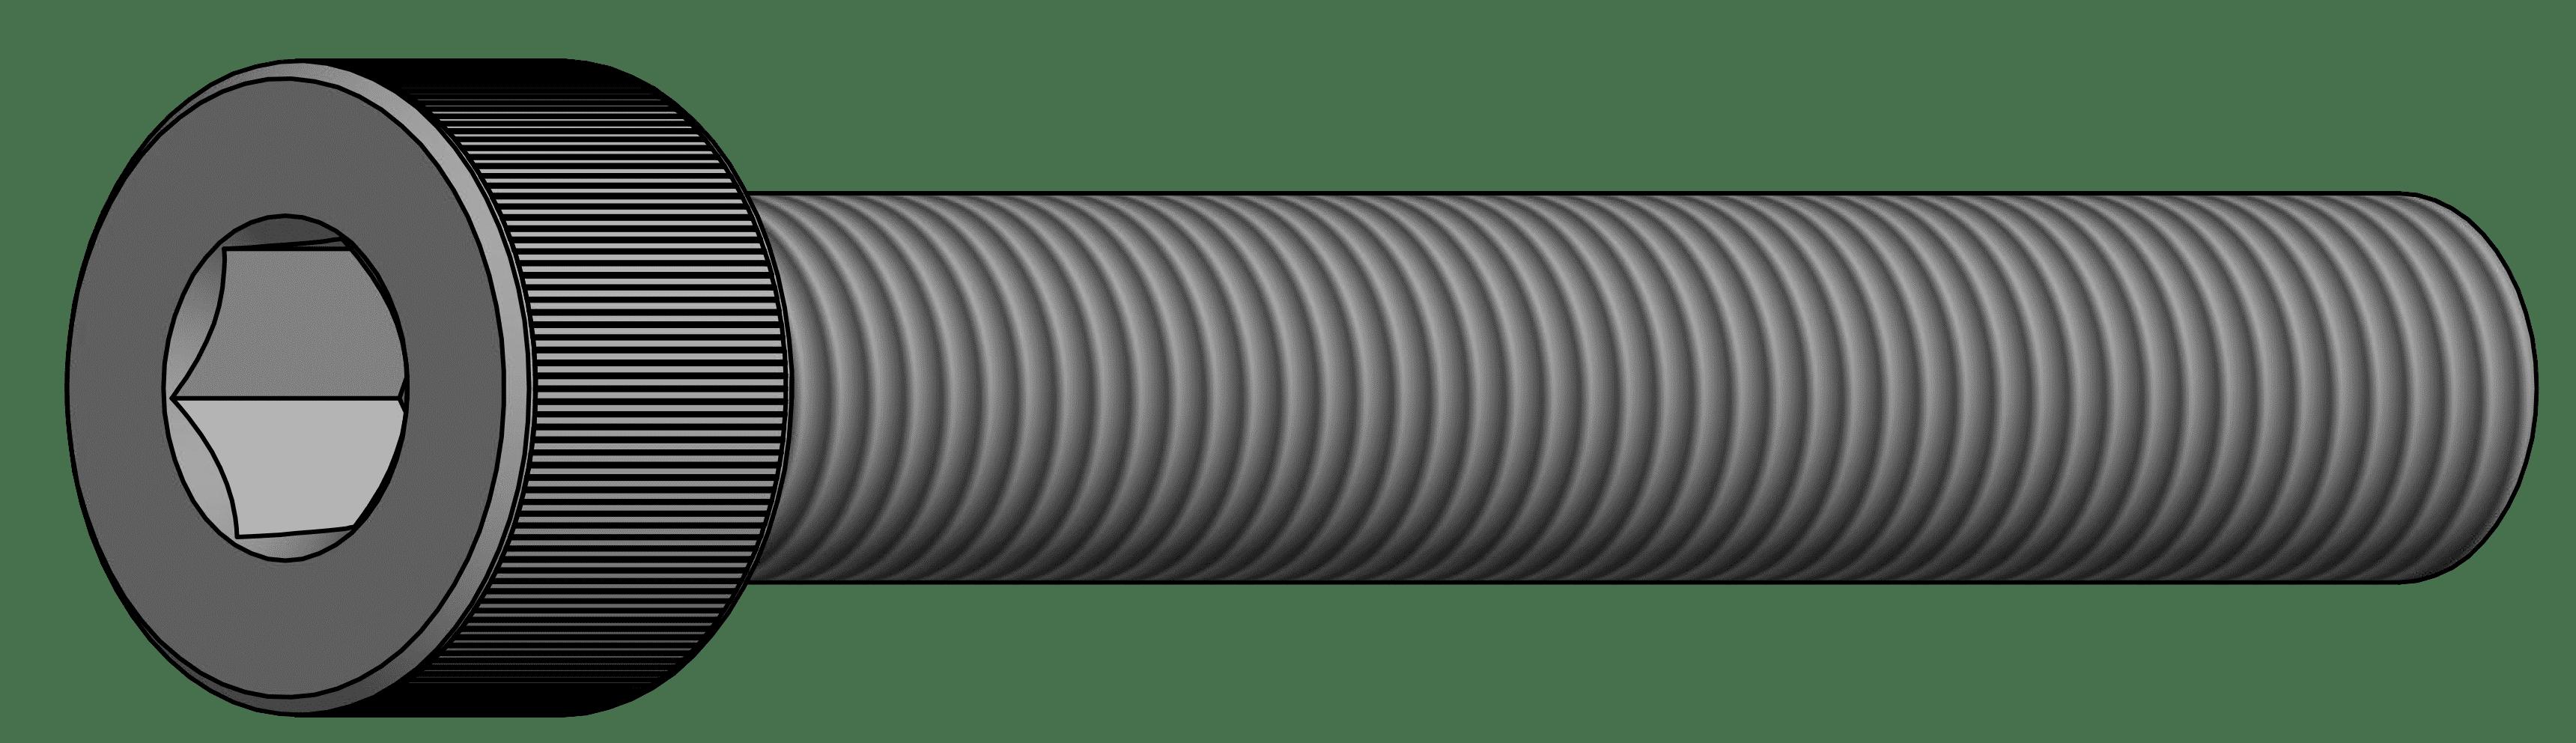 สกรูหัวจมบาง เกรด 8.8 DIN 7984